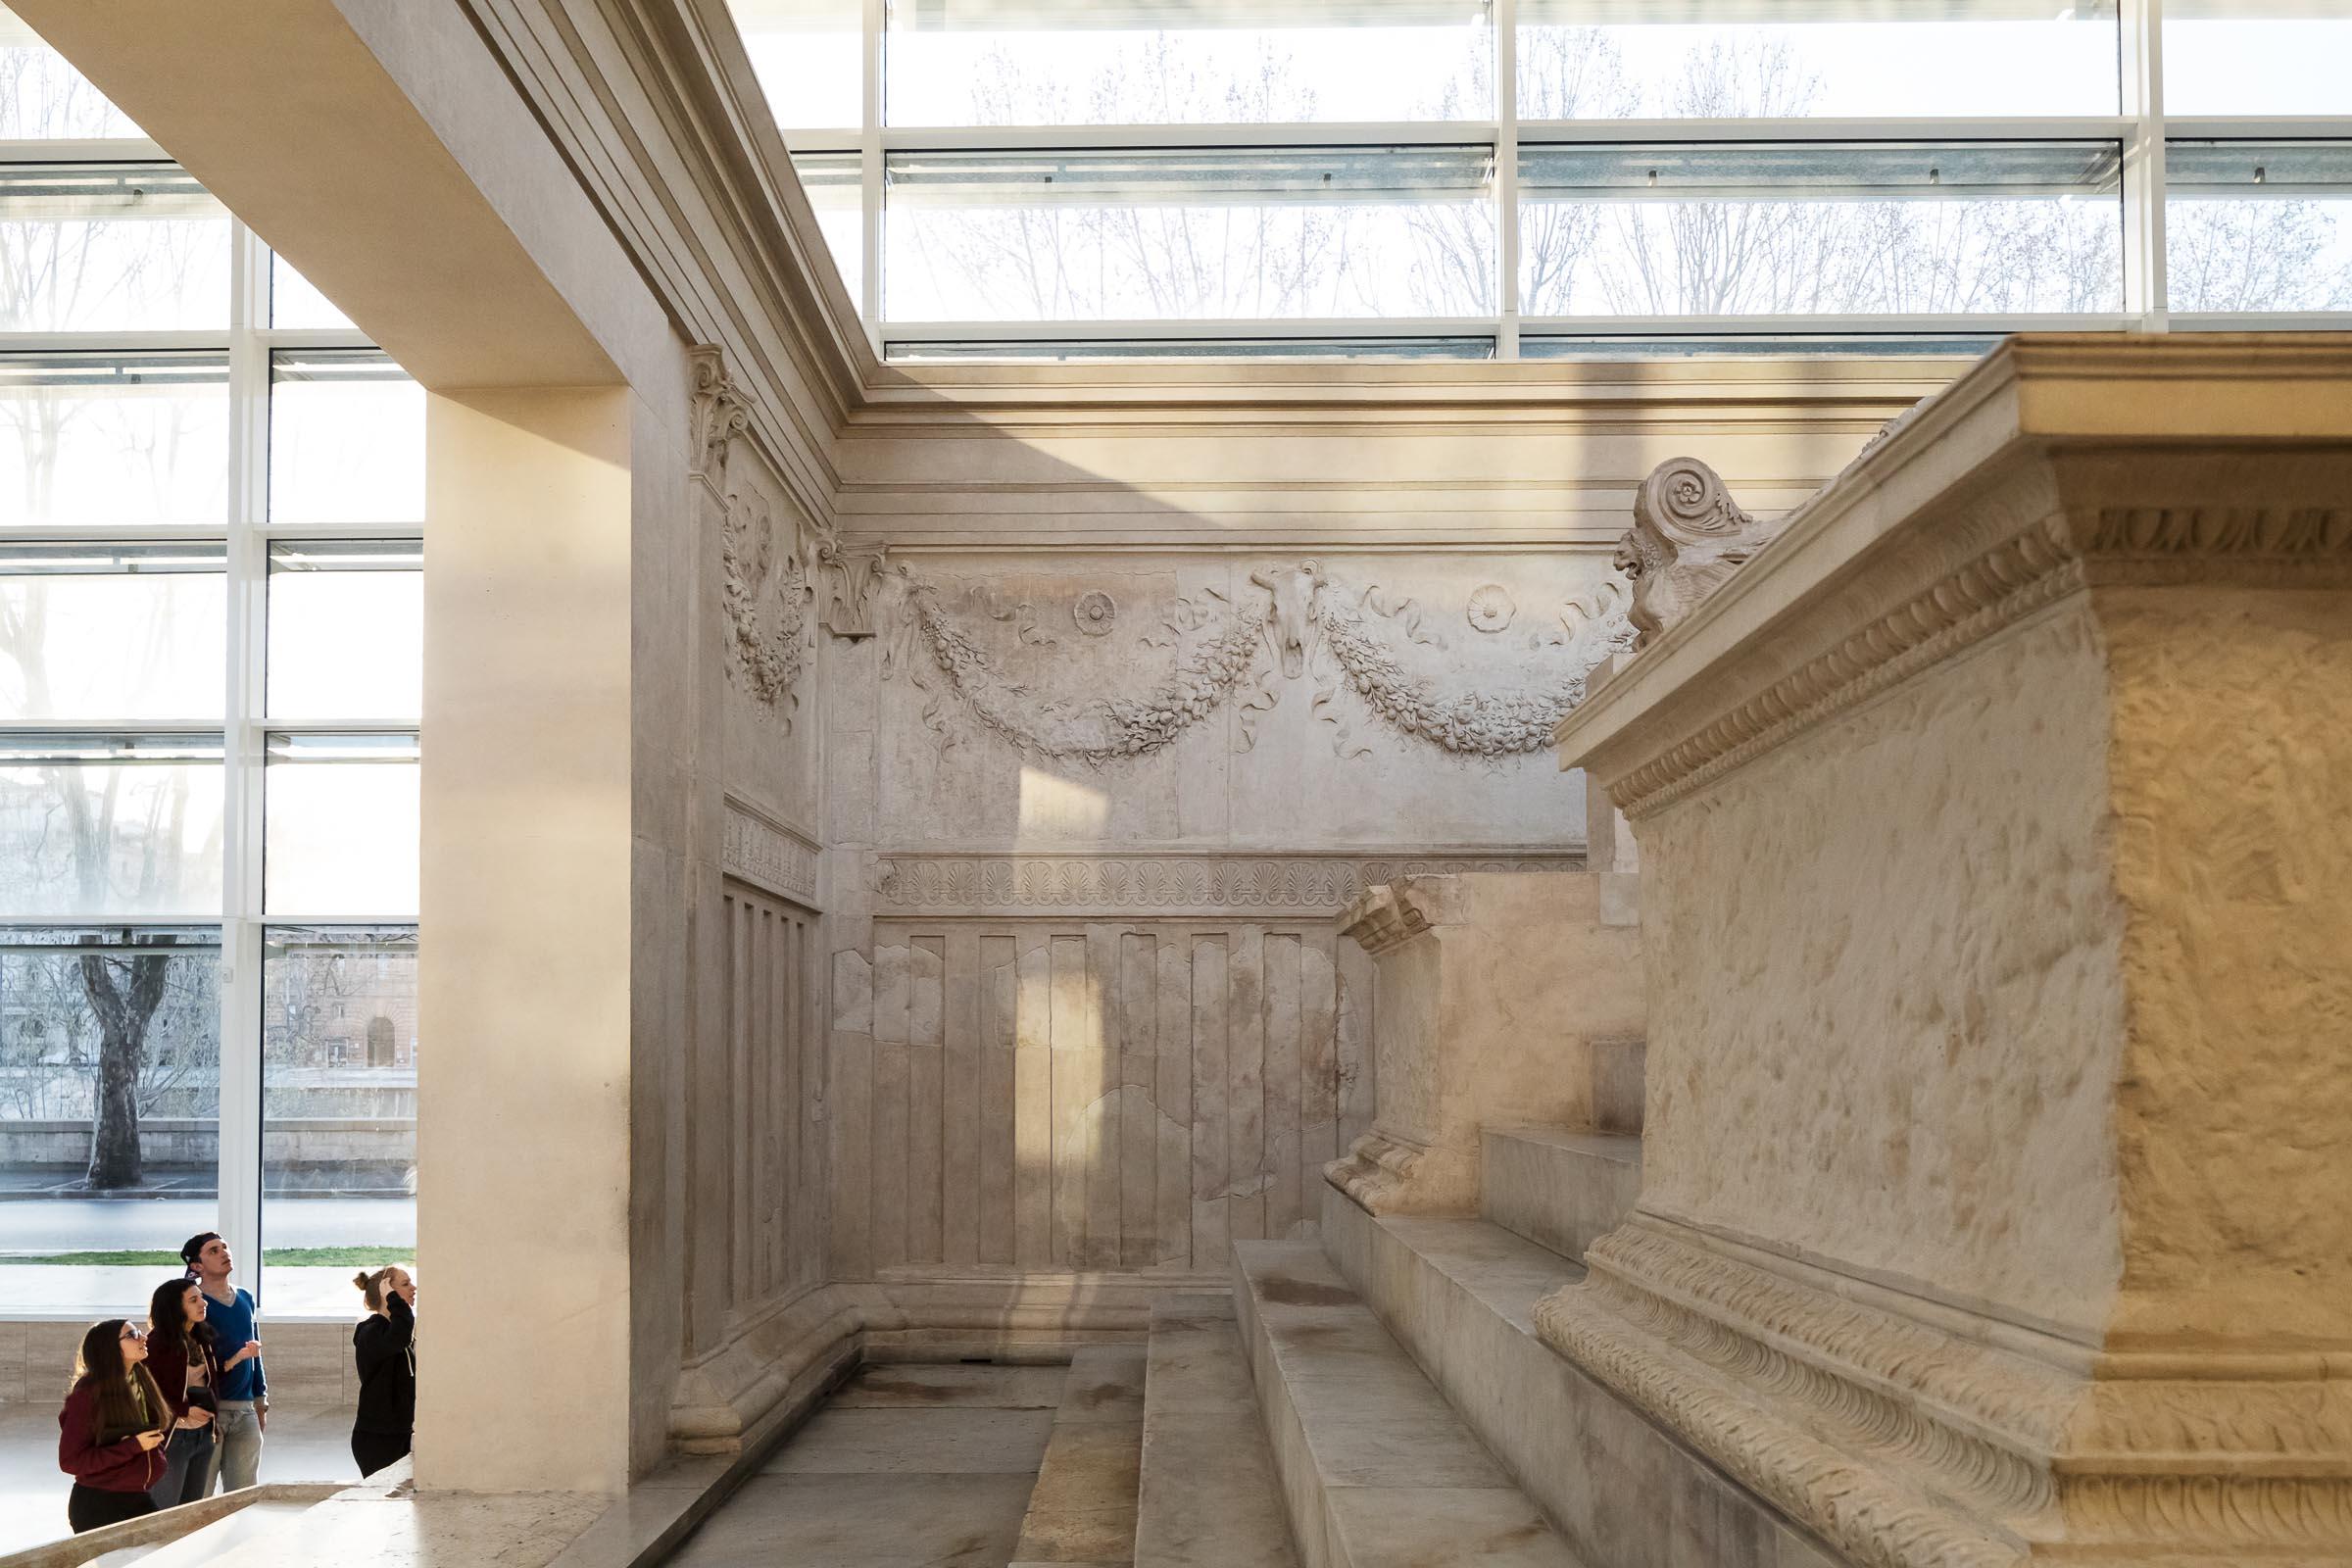 170313 Italy Rome 586.jpg